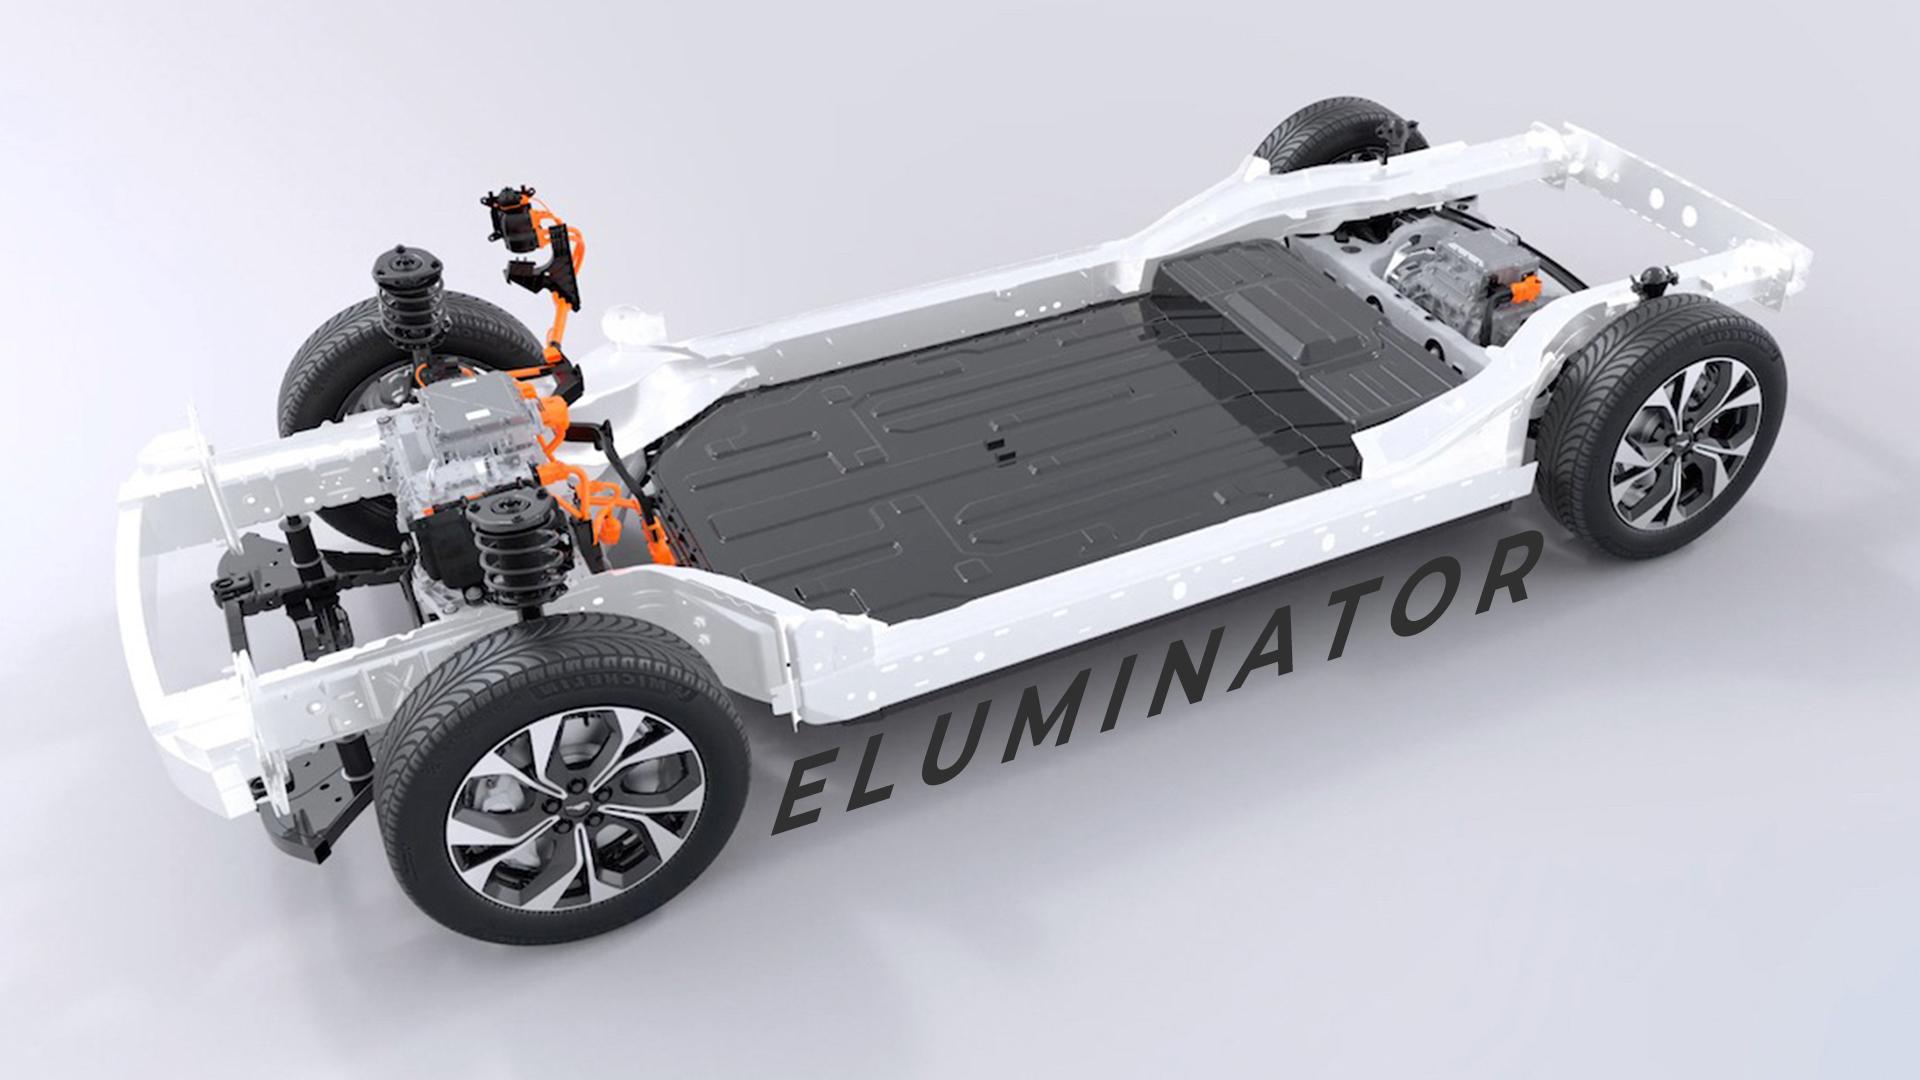 Ford lança motor elétrico Eluminator no dia 2 de novembro, nos Estados Unidos